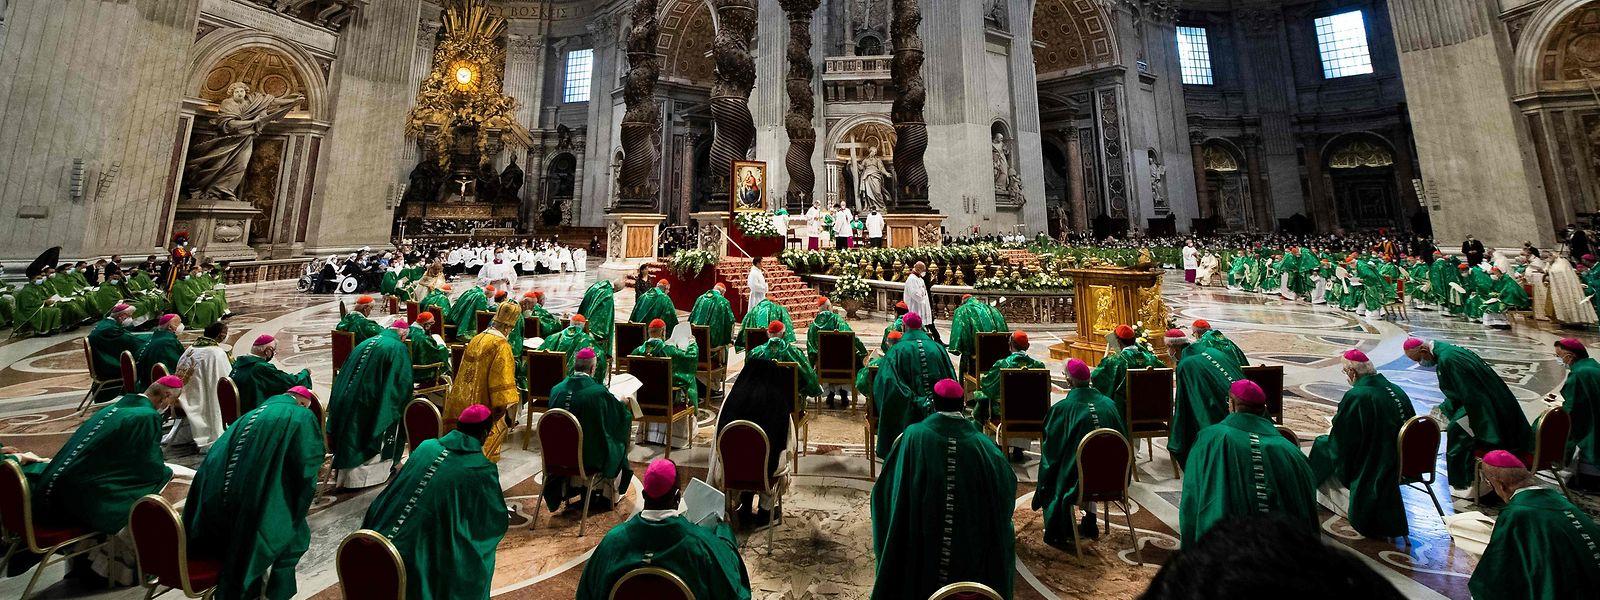 Der Gottesdienst fand im Petersdom statt.